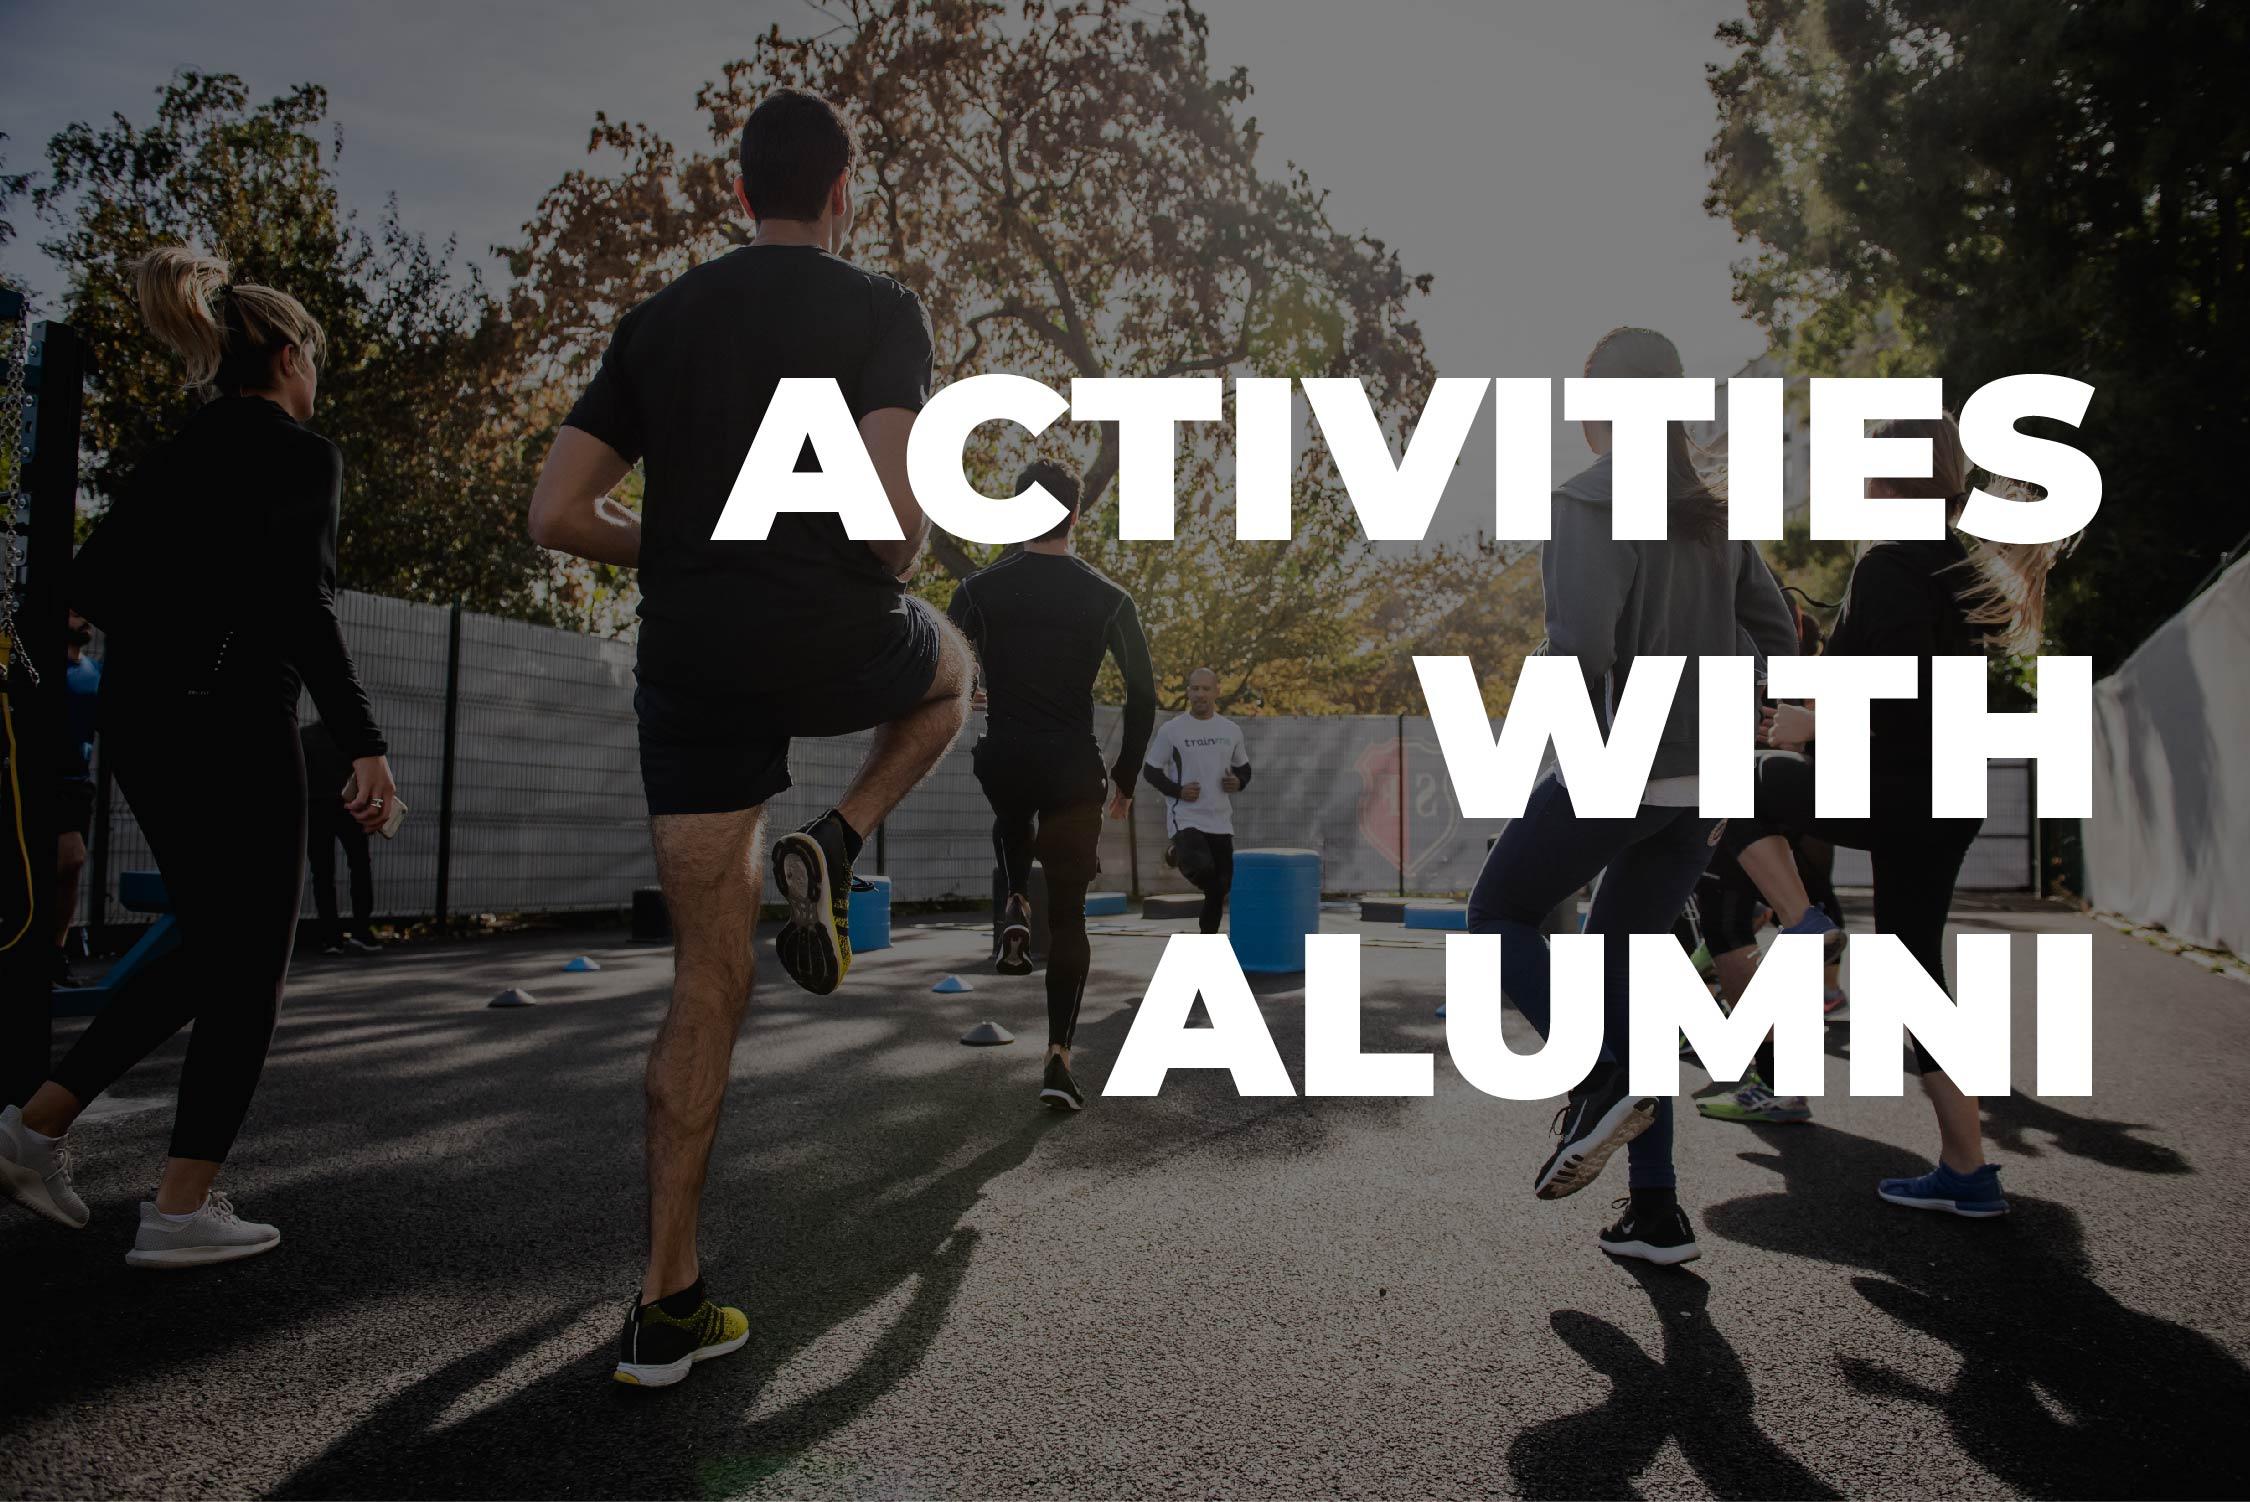 Activity With Alumni